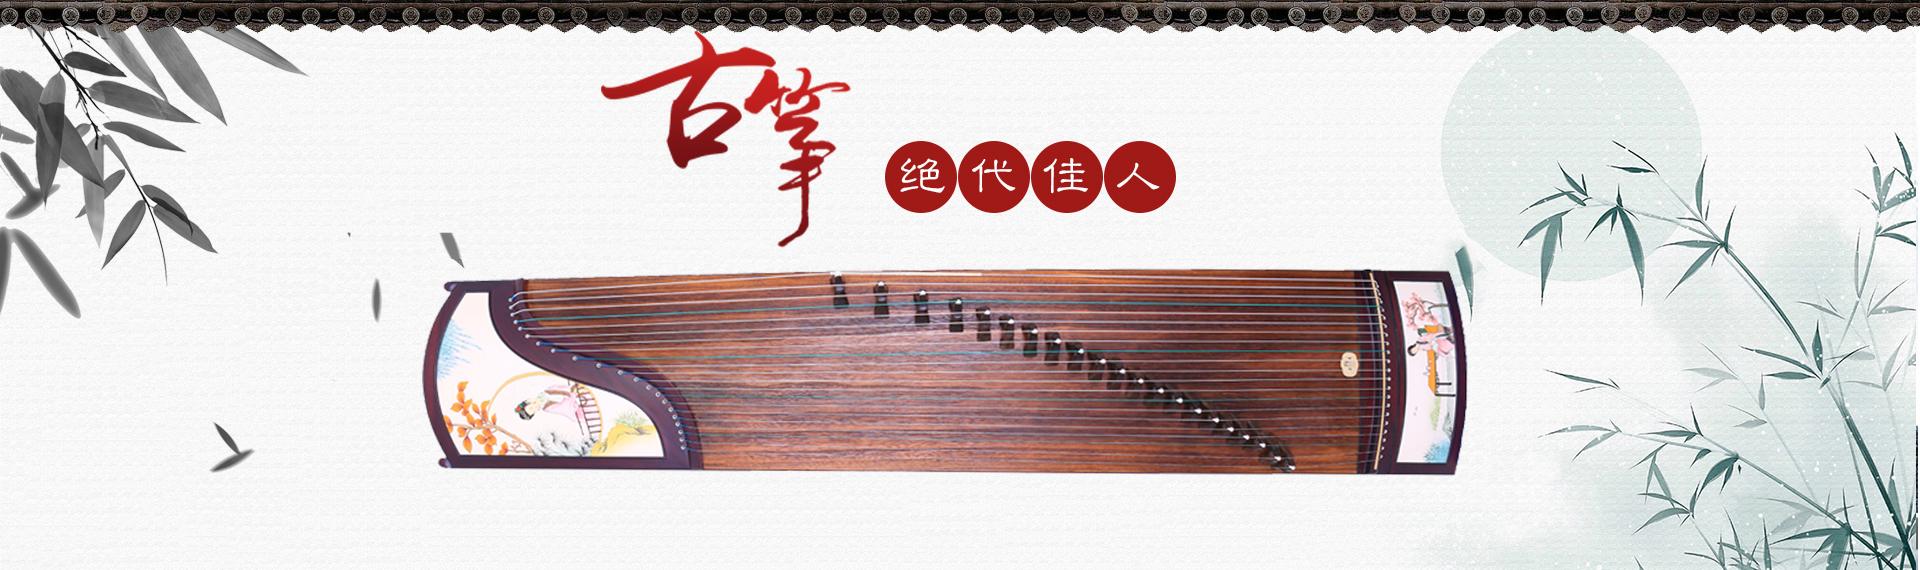 河南必威官网登陆乐器有限公司